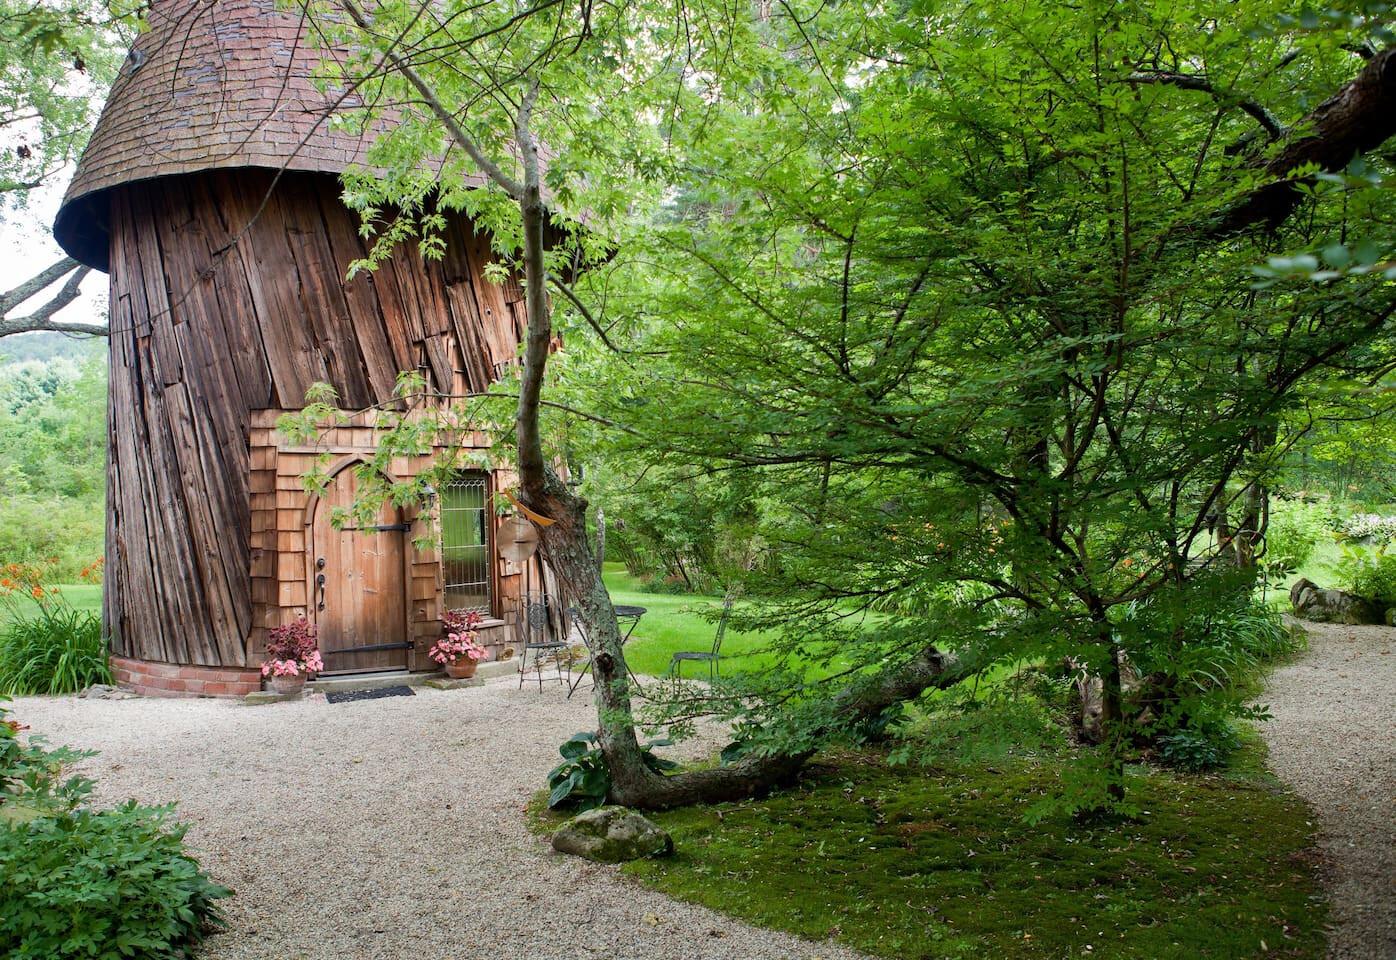 Silo-Studio-10-pequenas-casas-excelentes-e-os-seus-preços-de-venda